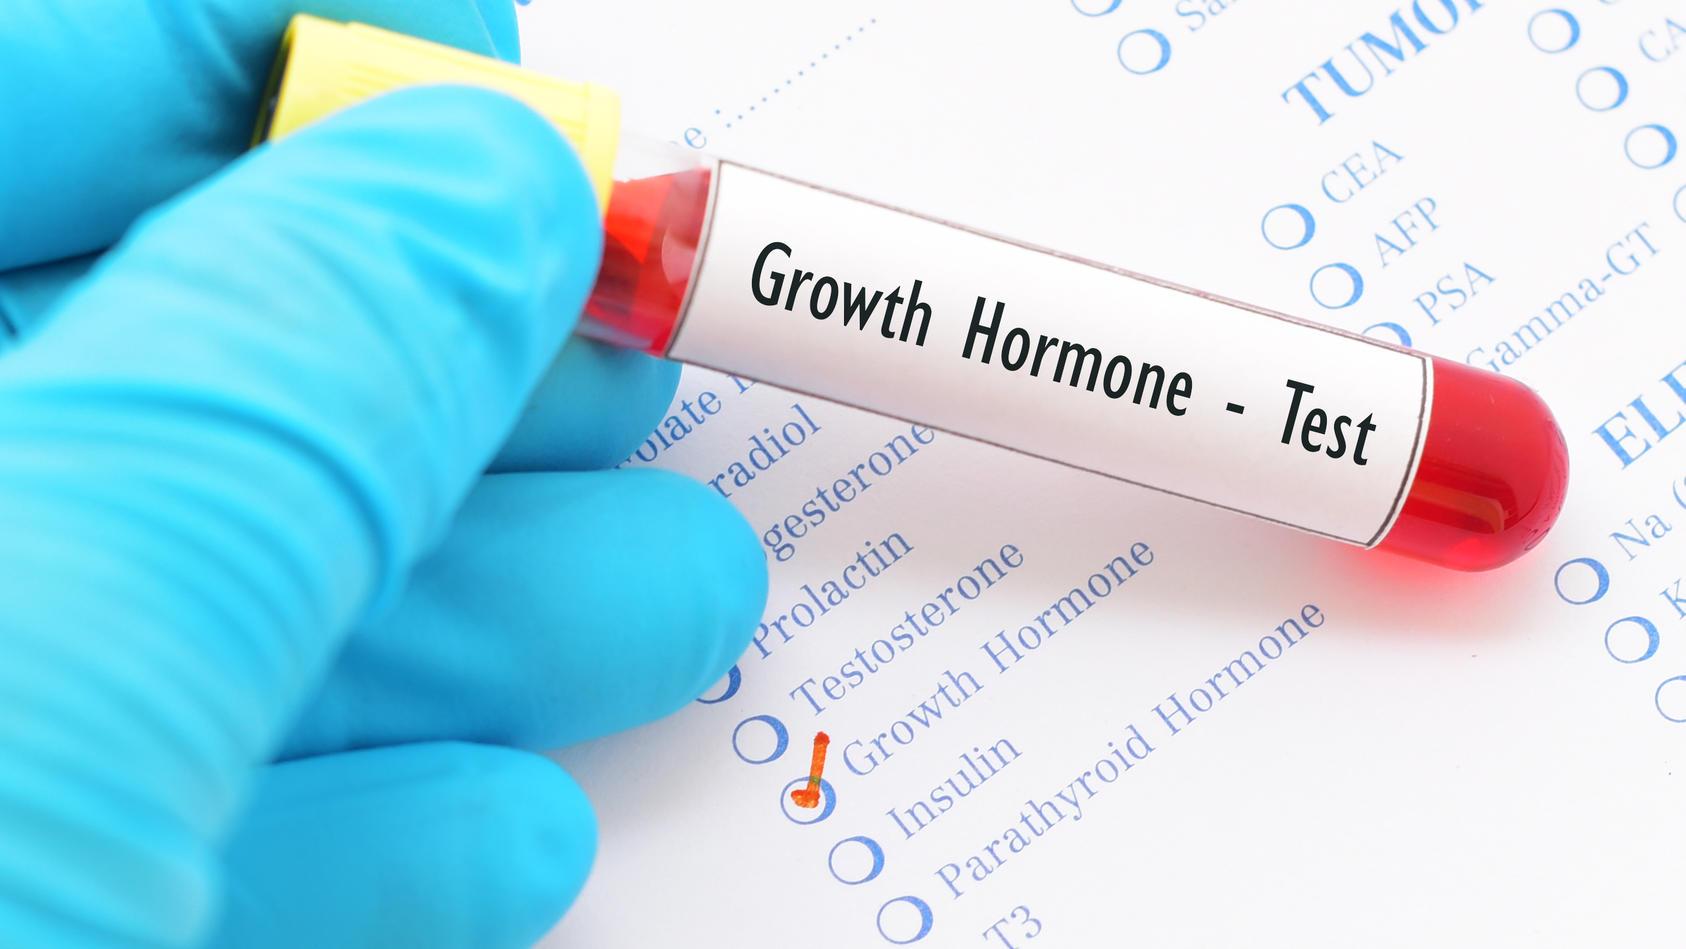 Die Akromegalie ist eine Erkrankung, bei der die Hirnanhangsdrüse (Hypophyse) große Mengen an Wachstumshormonen produziert und freisetzt.